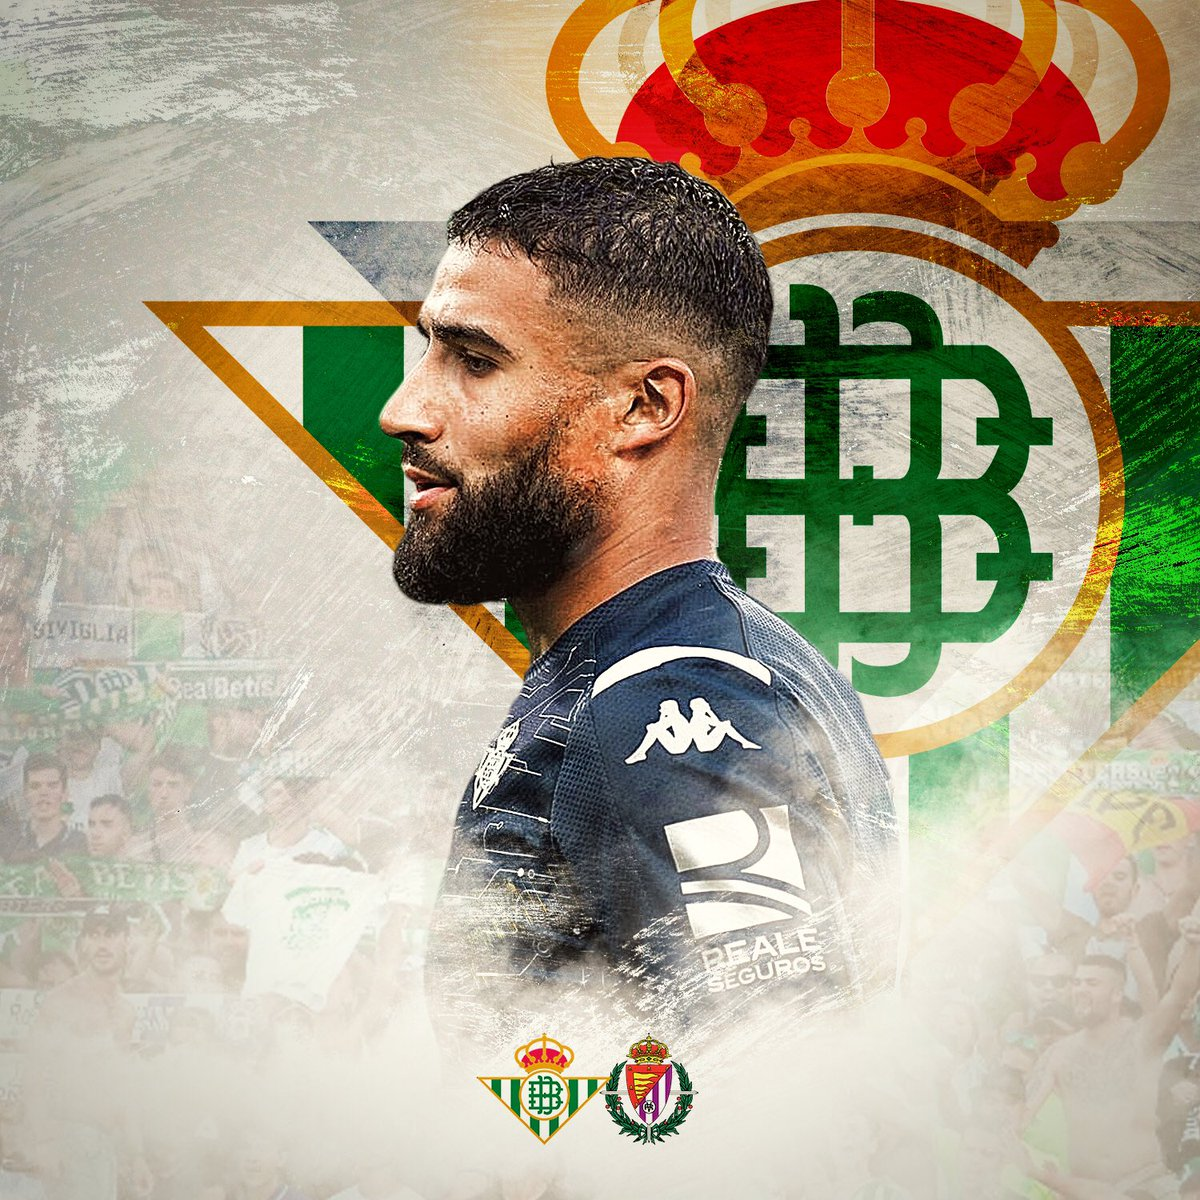 Jour de match 💪🏼 #DíaDeBetis @RealBetis @LaLiga